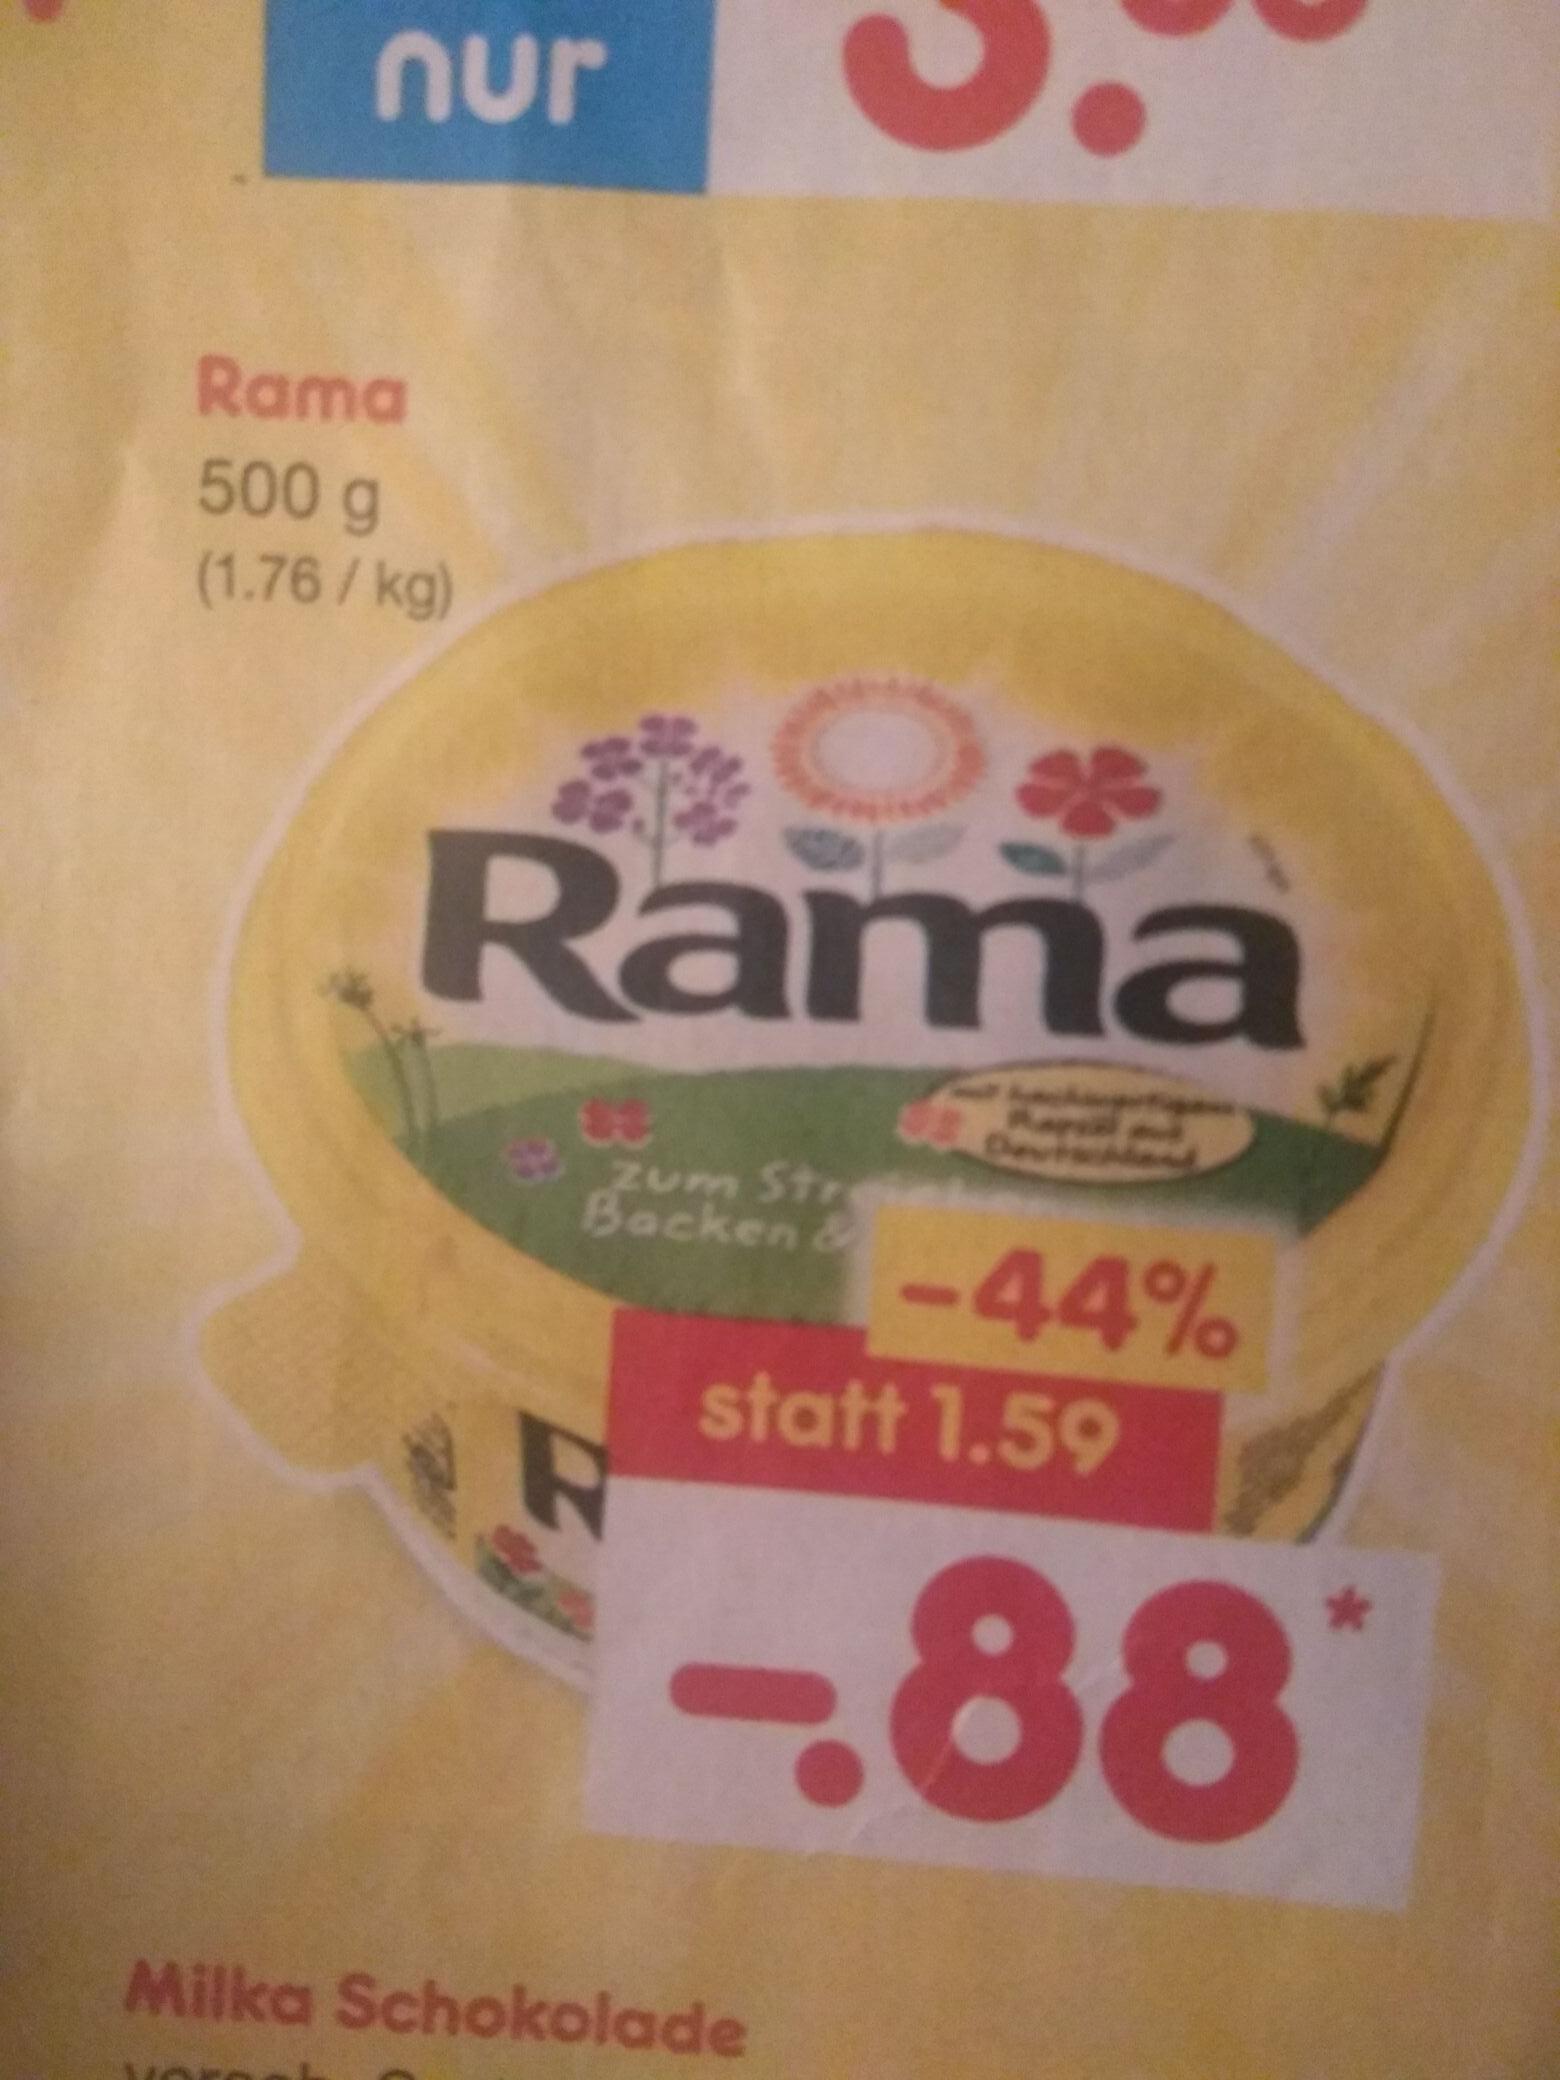 [Netto MD/reebate] [ab 04.06] Rama Margarine 500g für 8 Cent